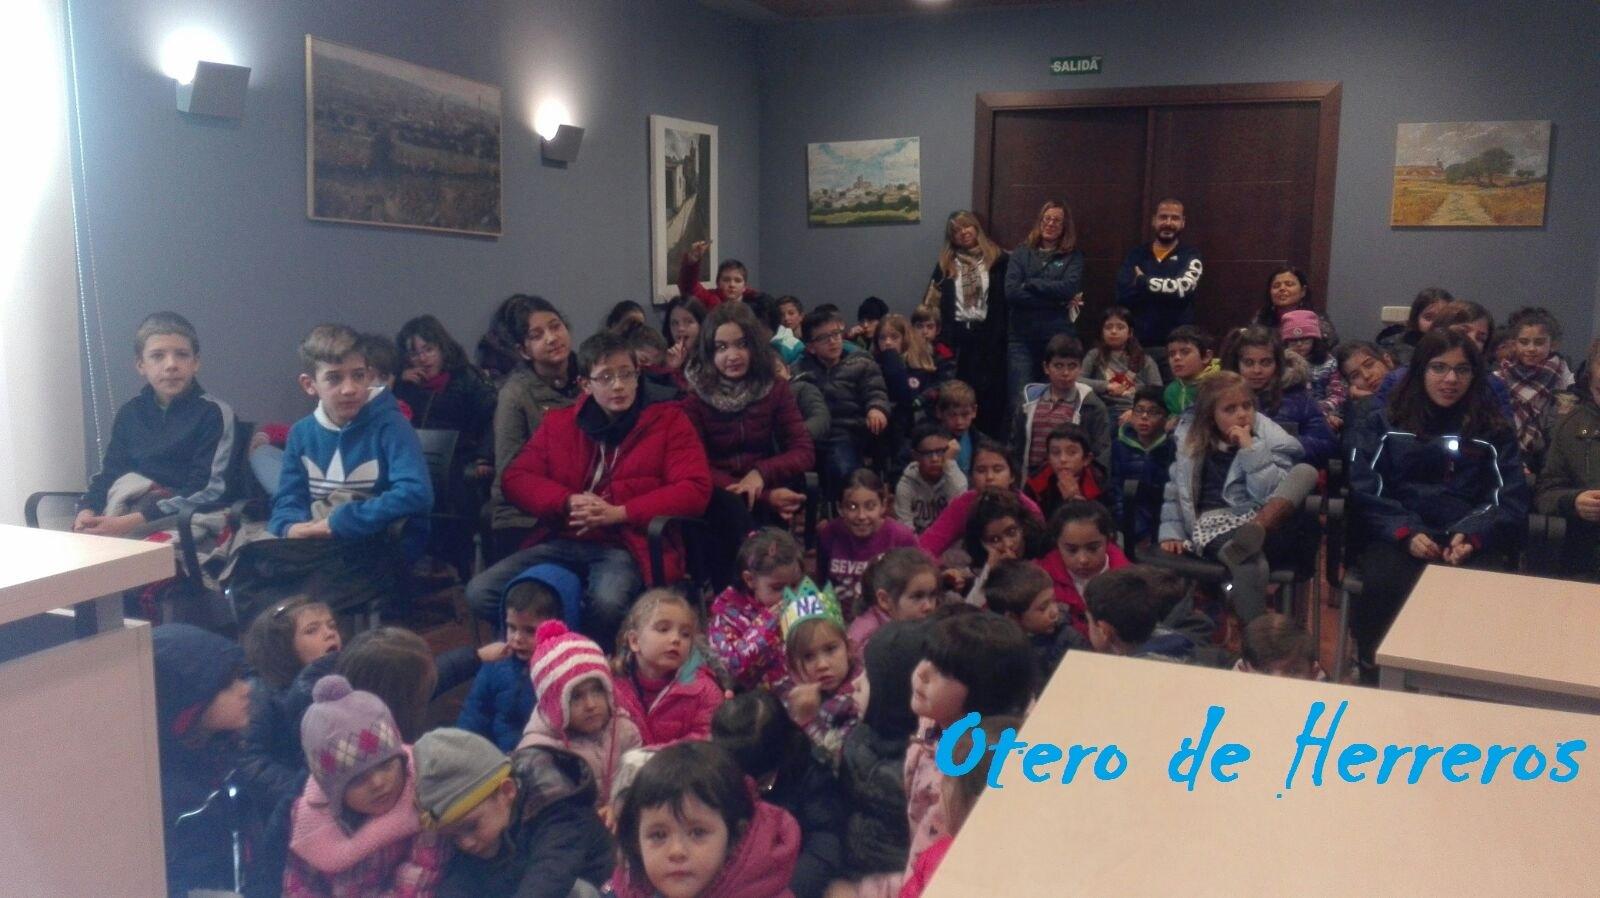 visita del cole al ayuntamiento Diciembre 2016 (5)